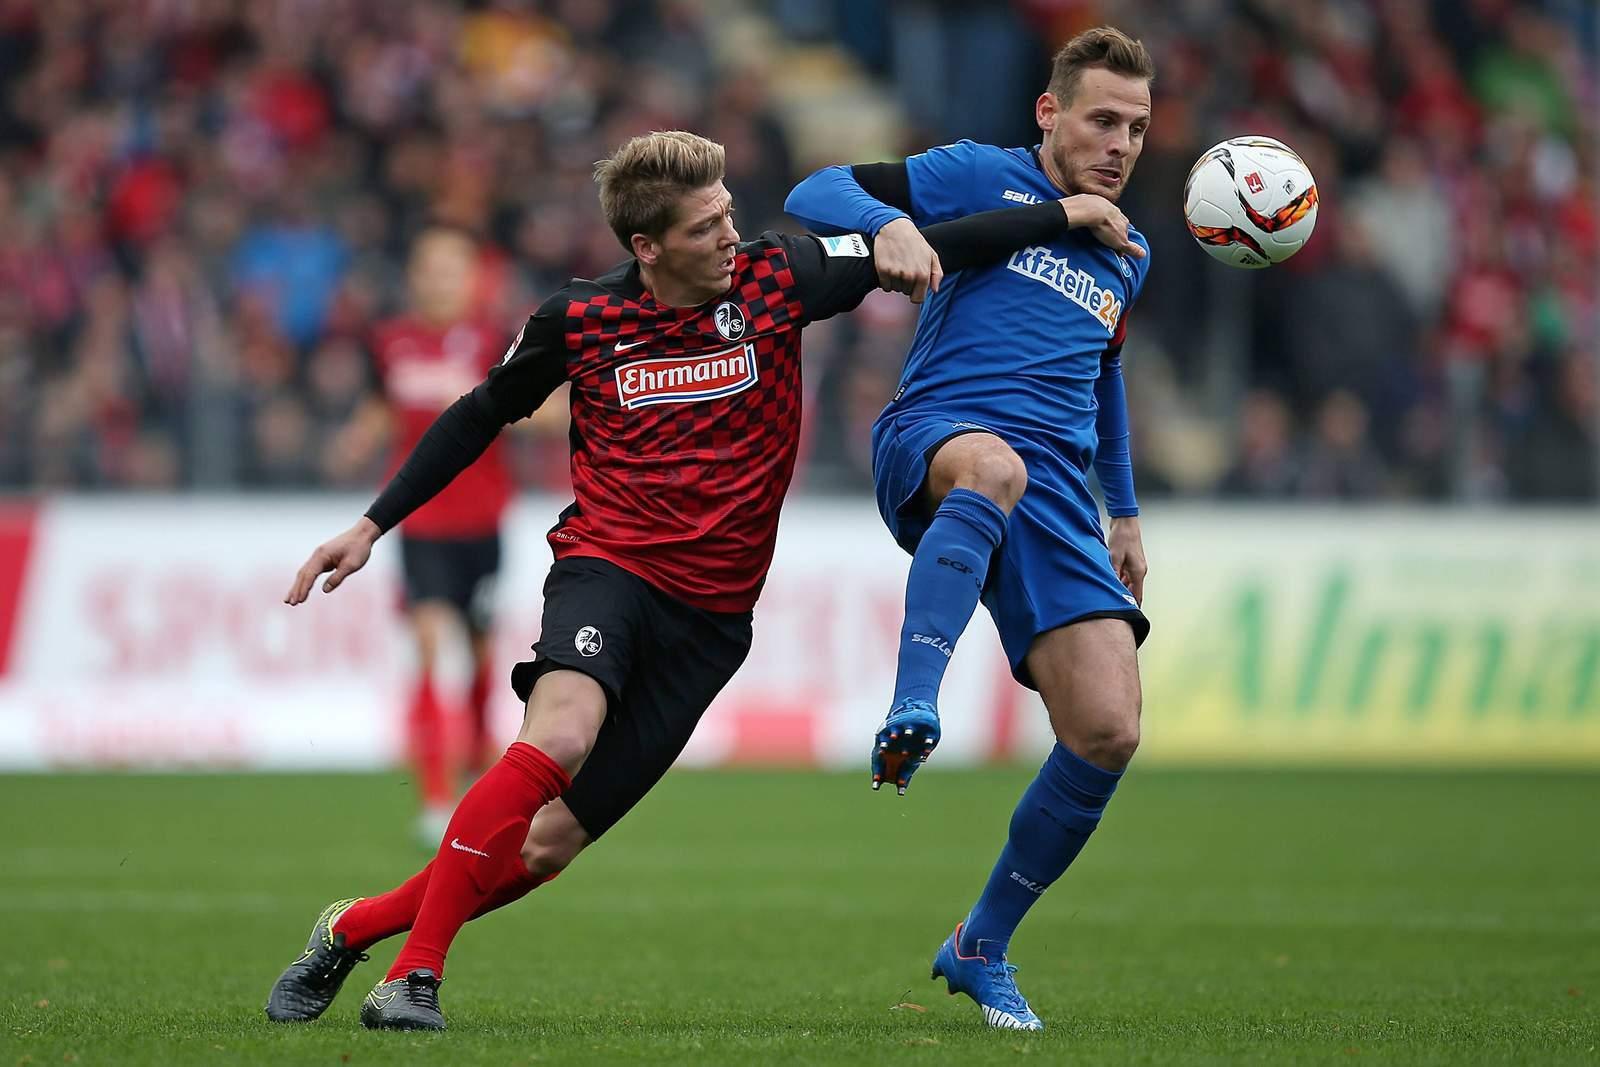 Setzt sich Frantz gegen Bakalorz durch? Unser Tipp: Freiburg gewinnt gegen Paderborn